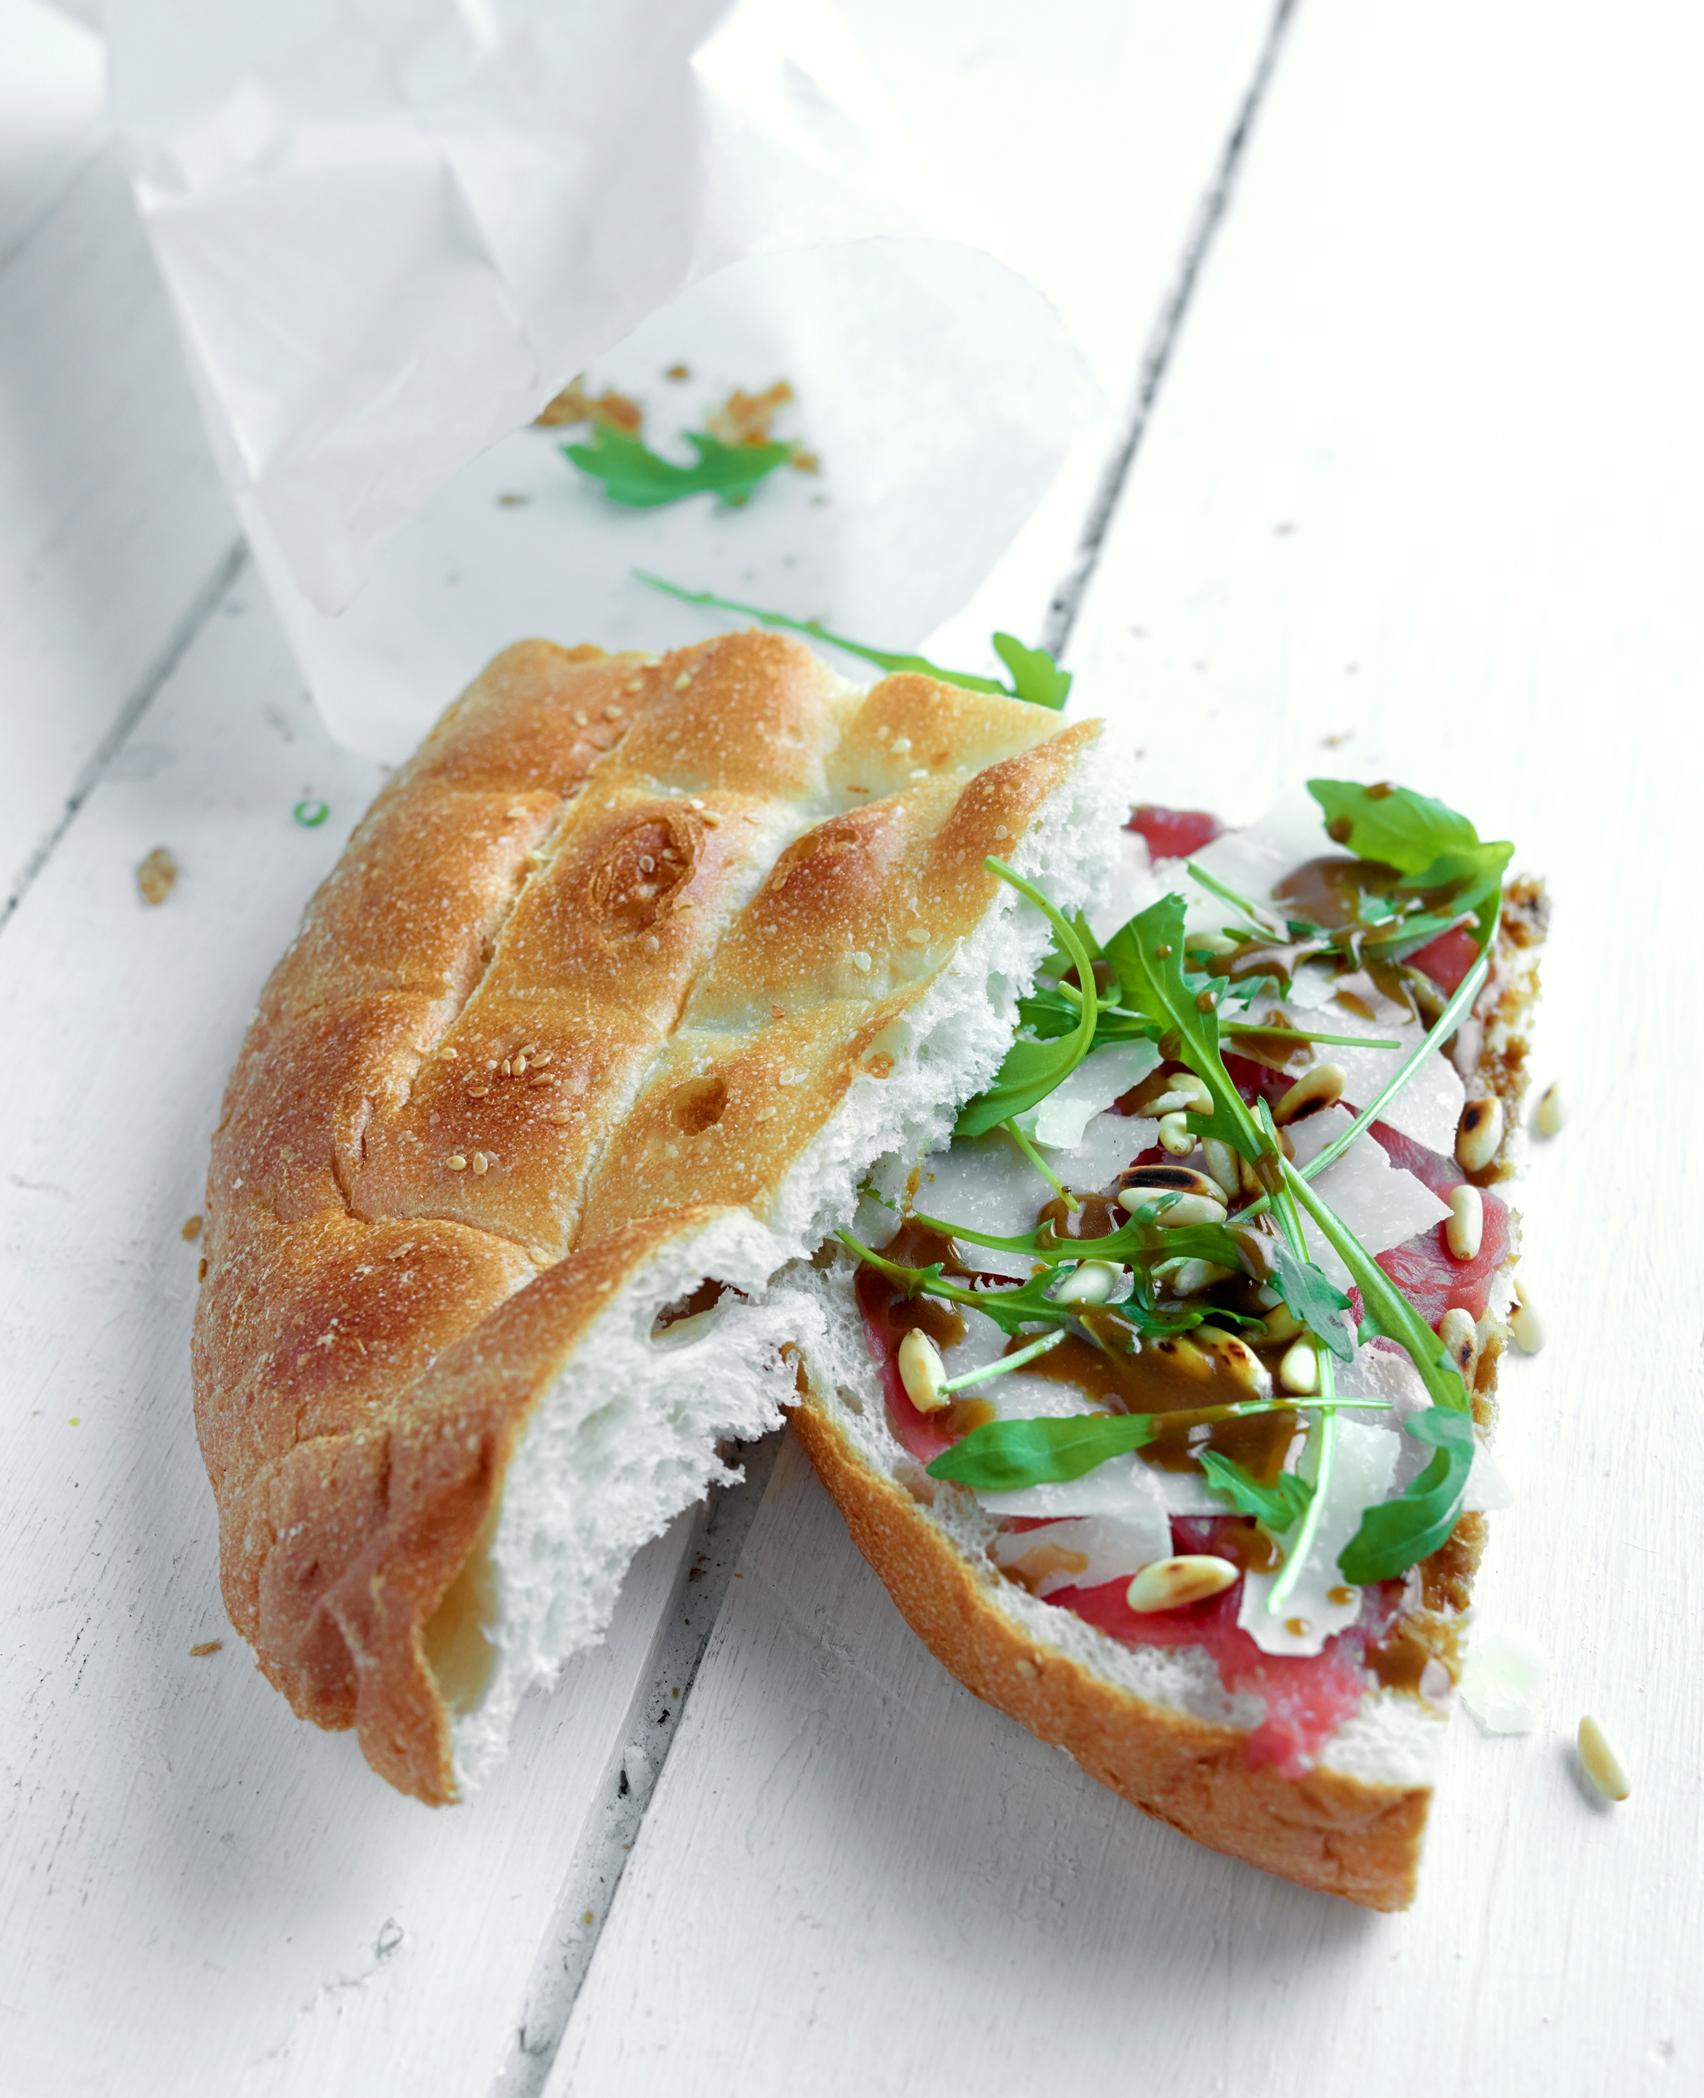 14-turks-brood-met-rundscarpaccio